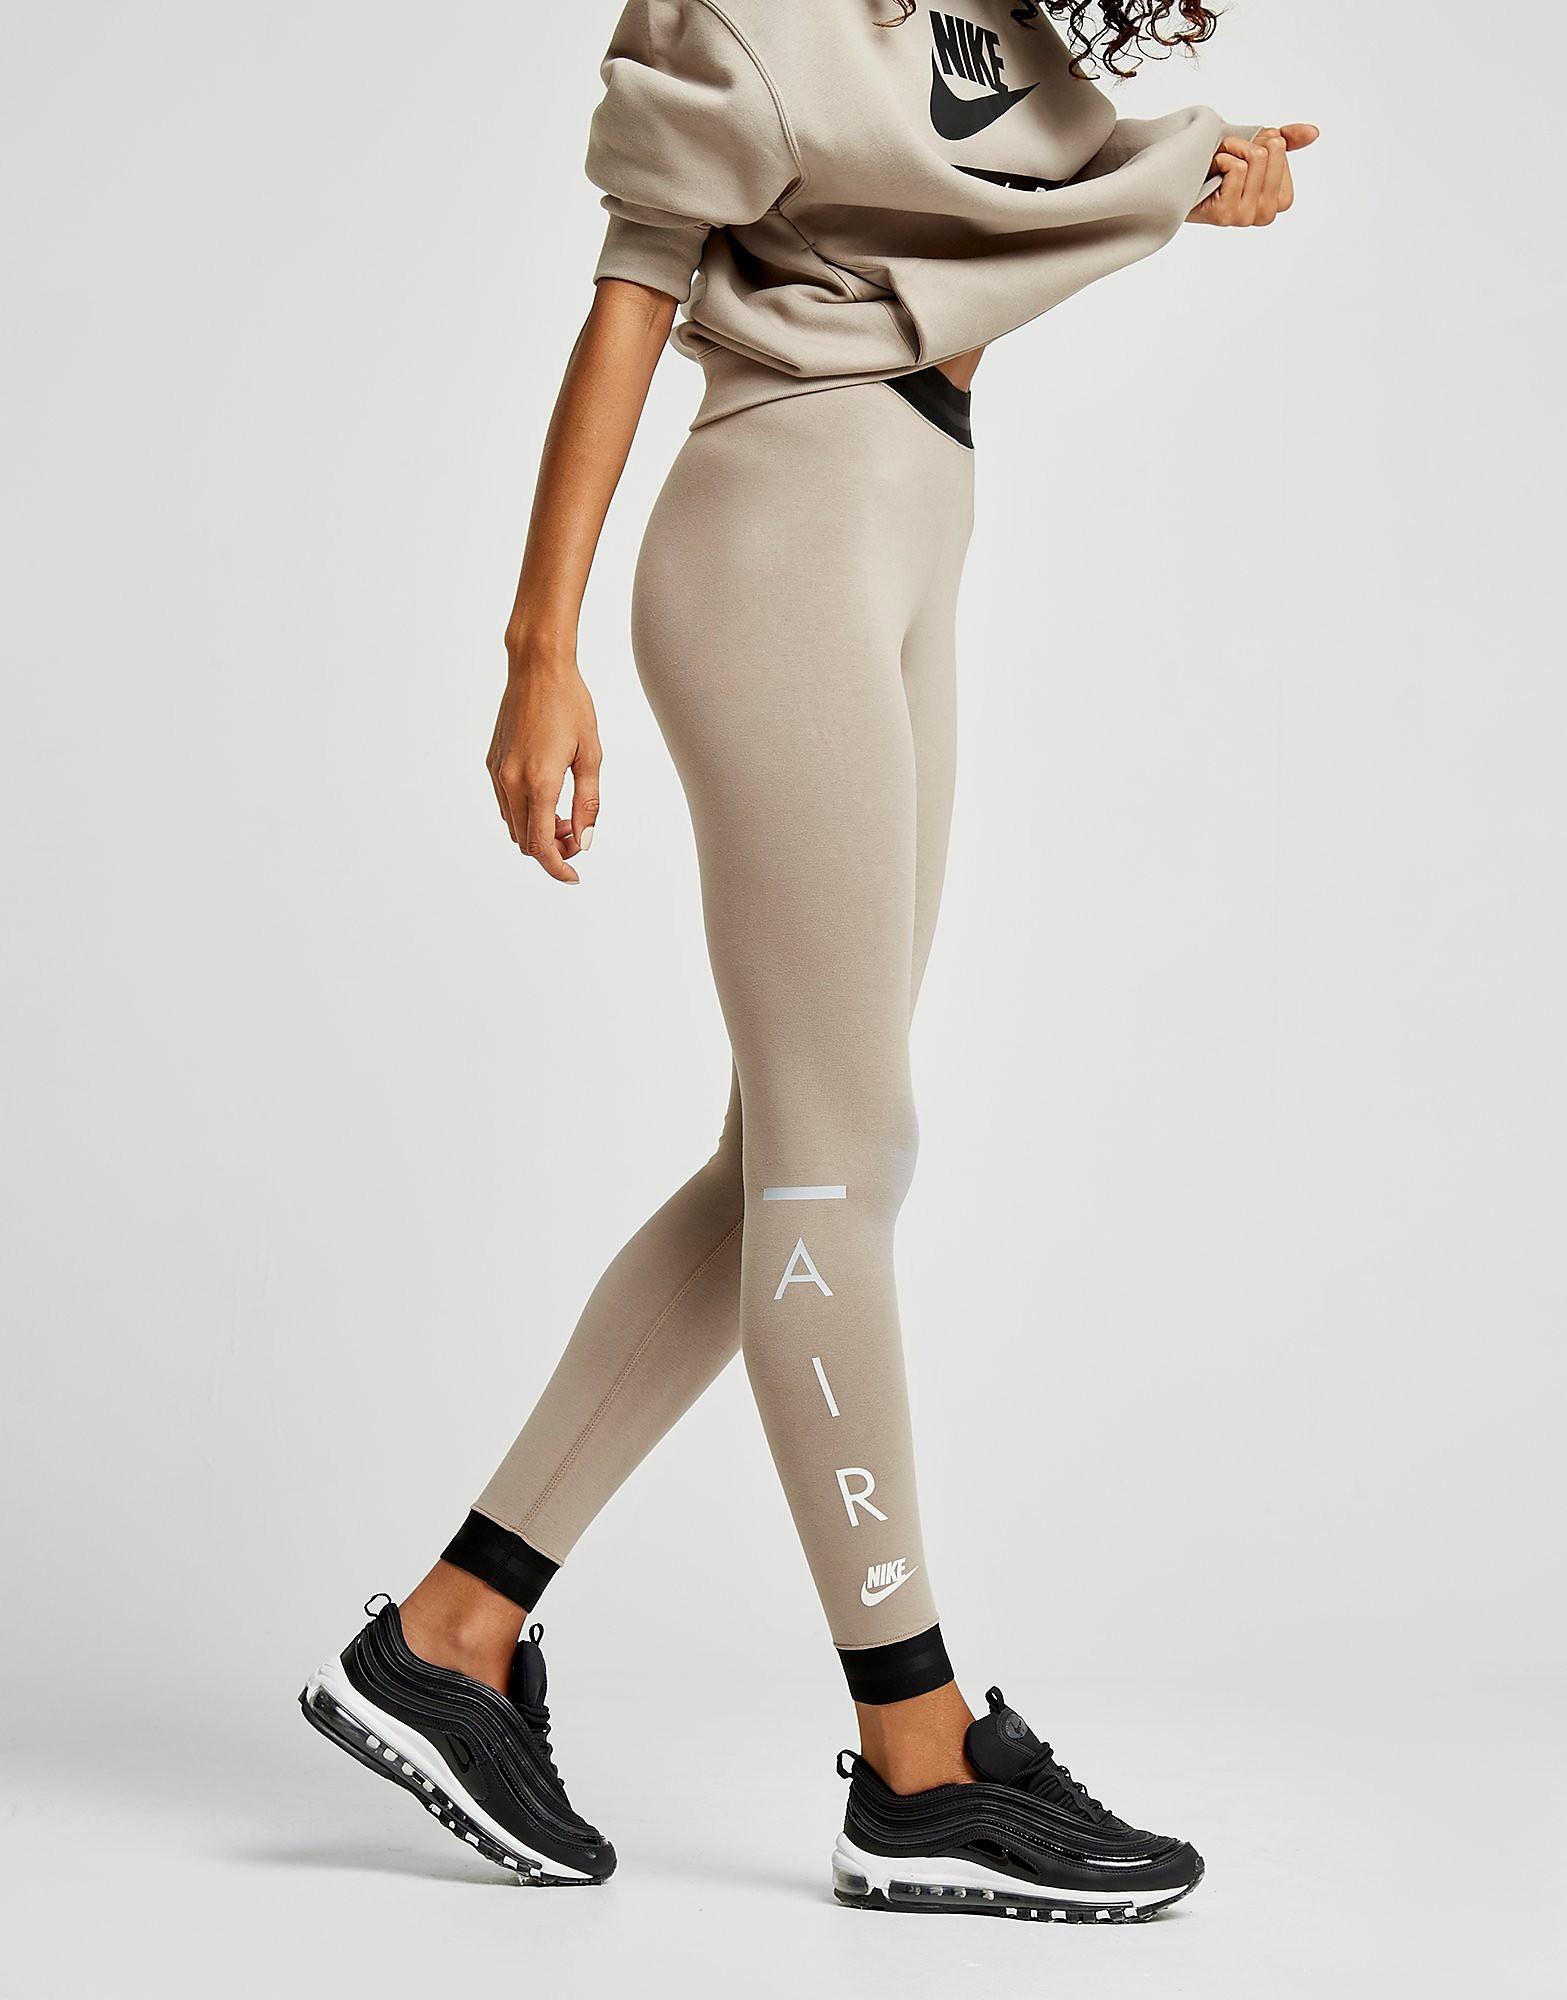 Nike Air leggings High Waist